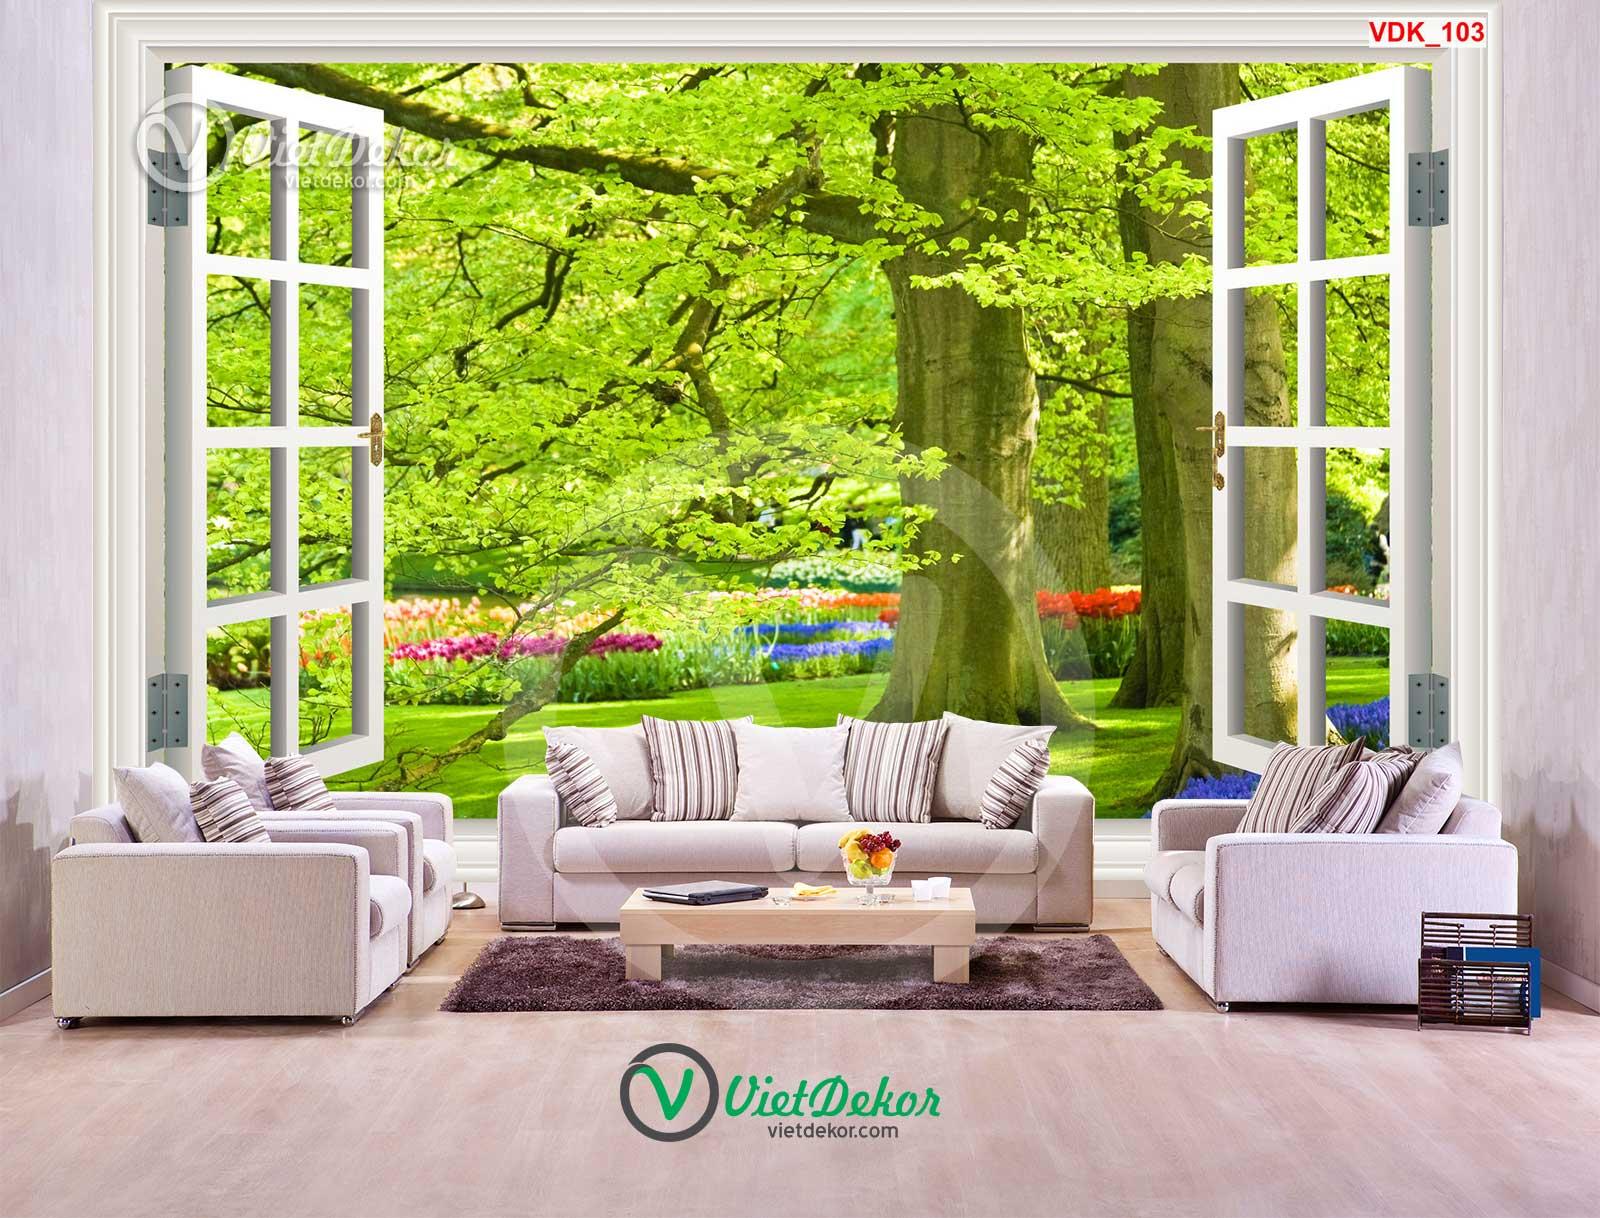 Tranh dán tường 3d cửa sổ phong cảnh rừng cây lớn